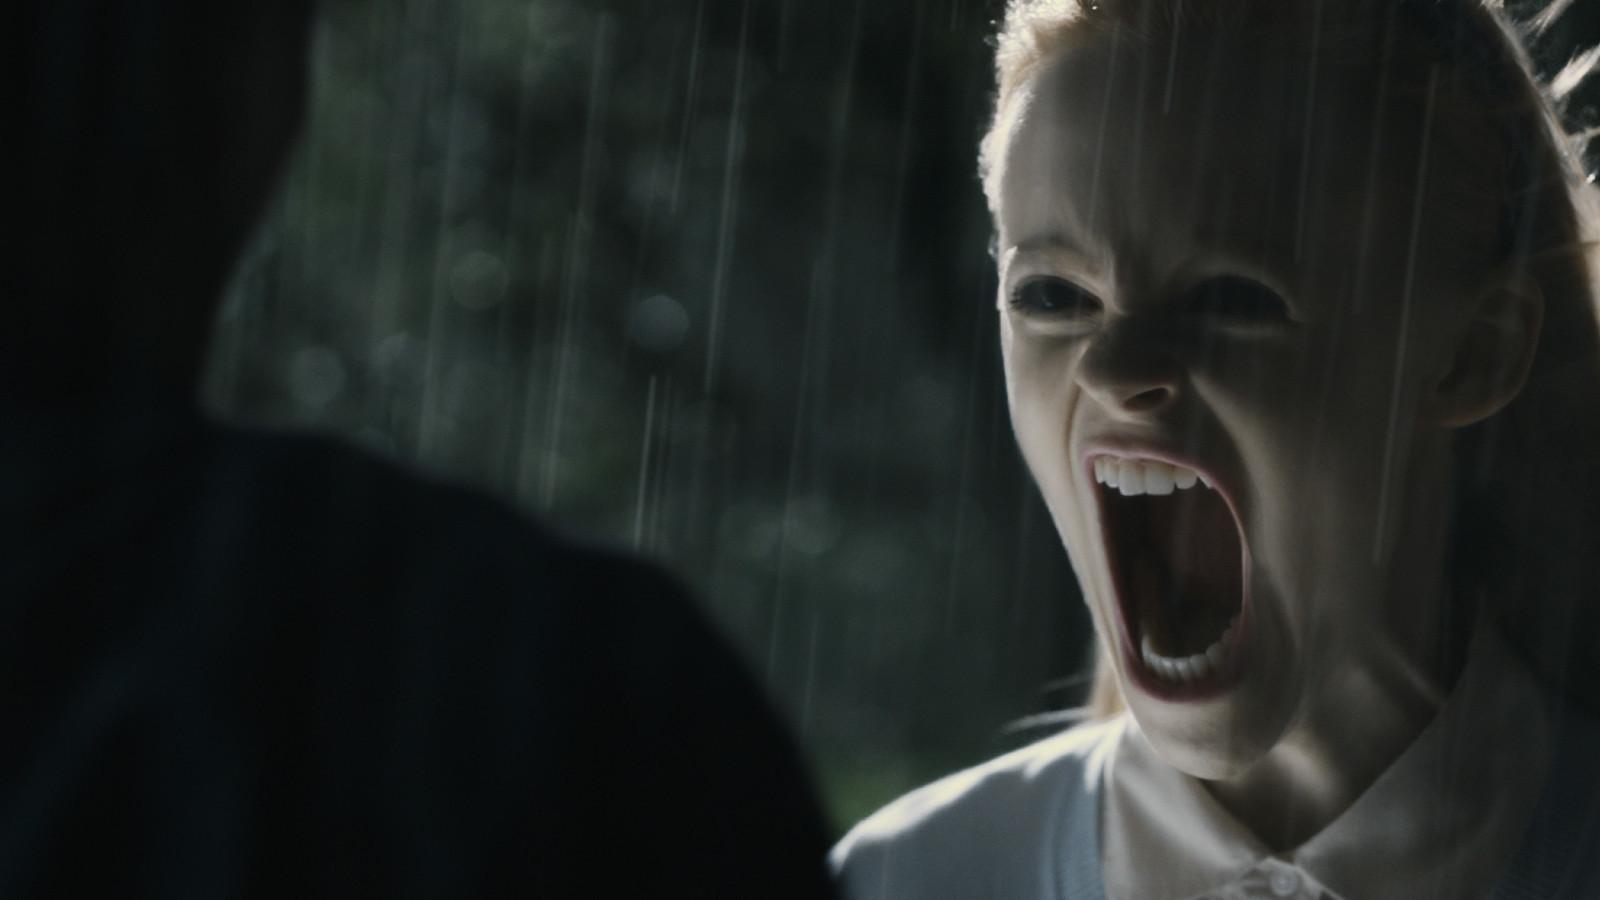 Hayaletli Ev Filmini Düşük Boyut İndir Ekran Görüntüsü 2